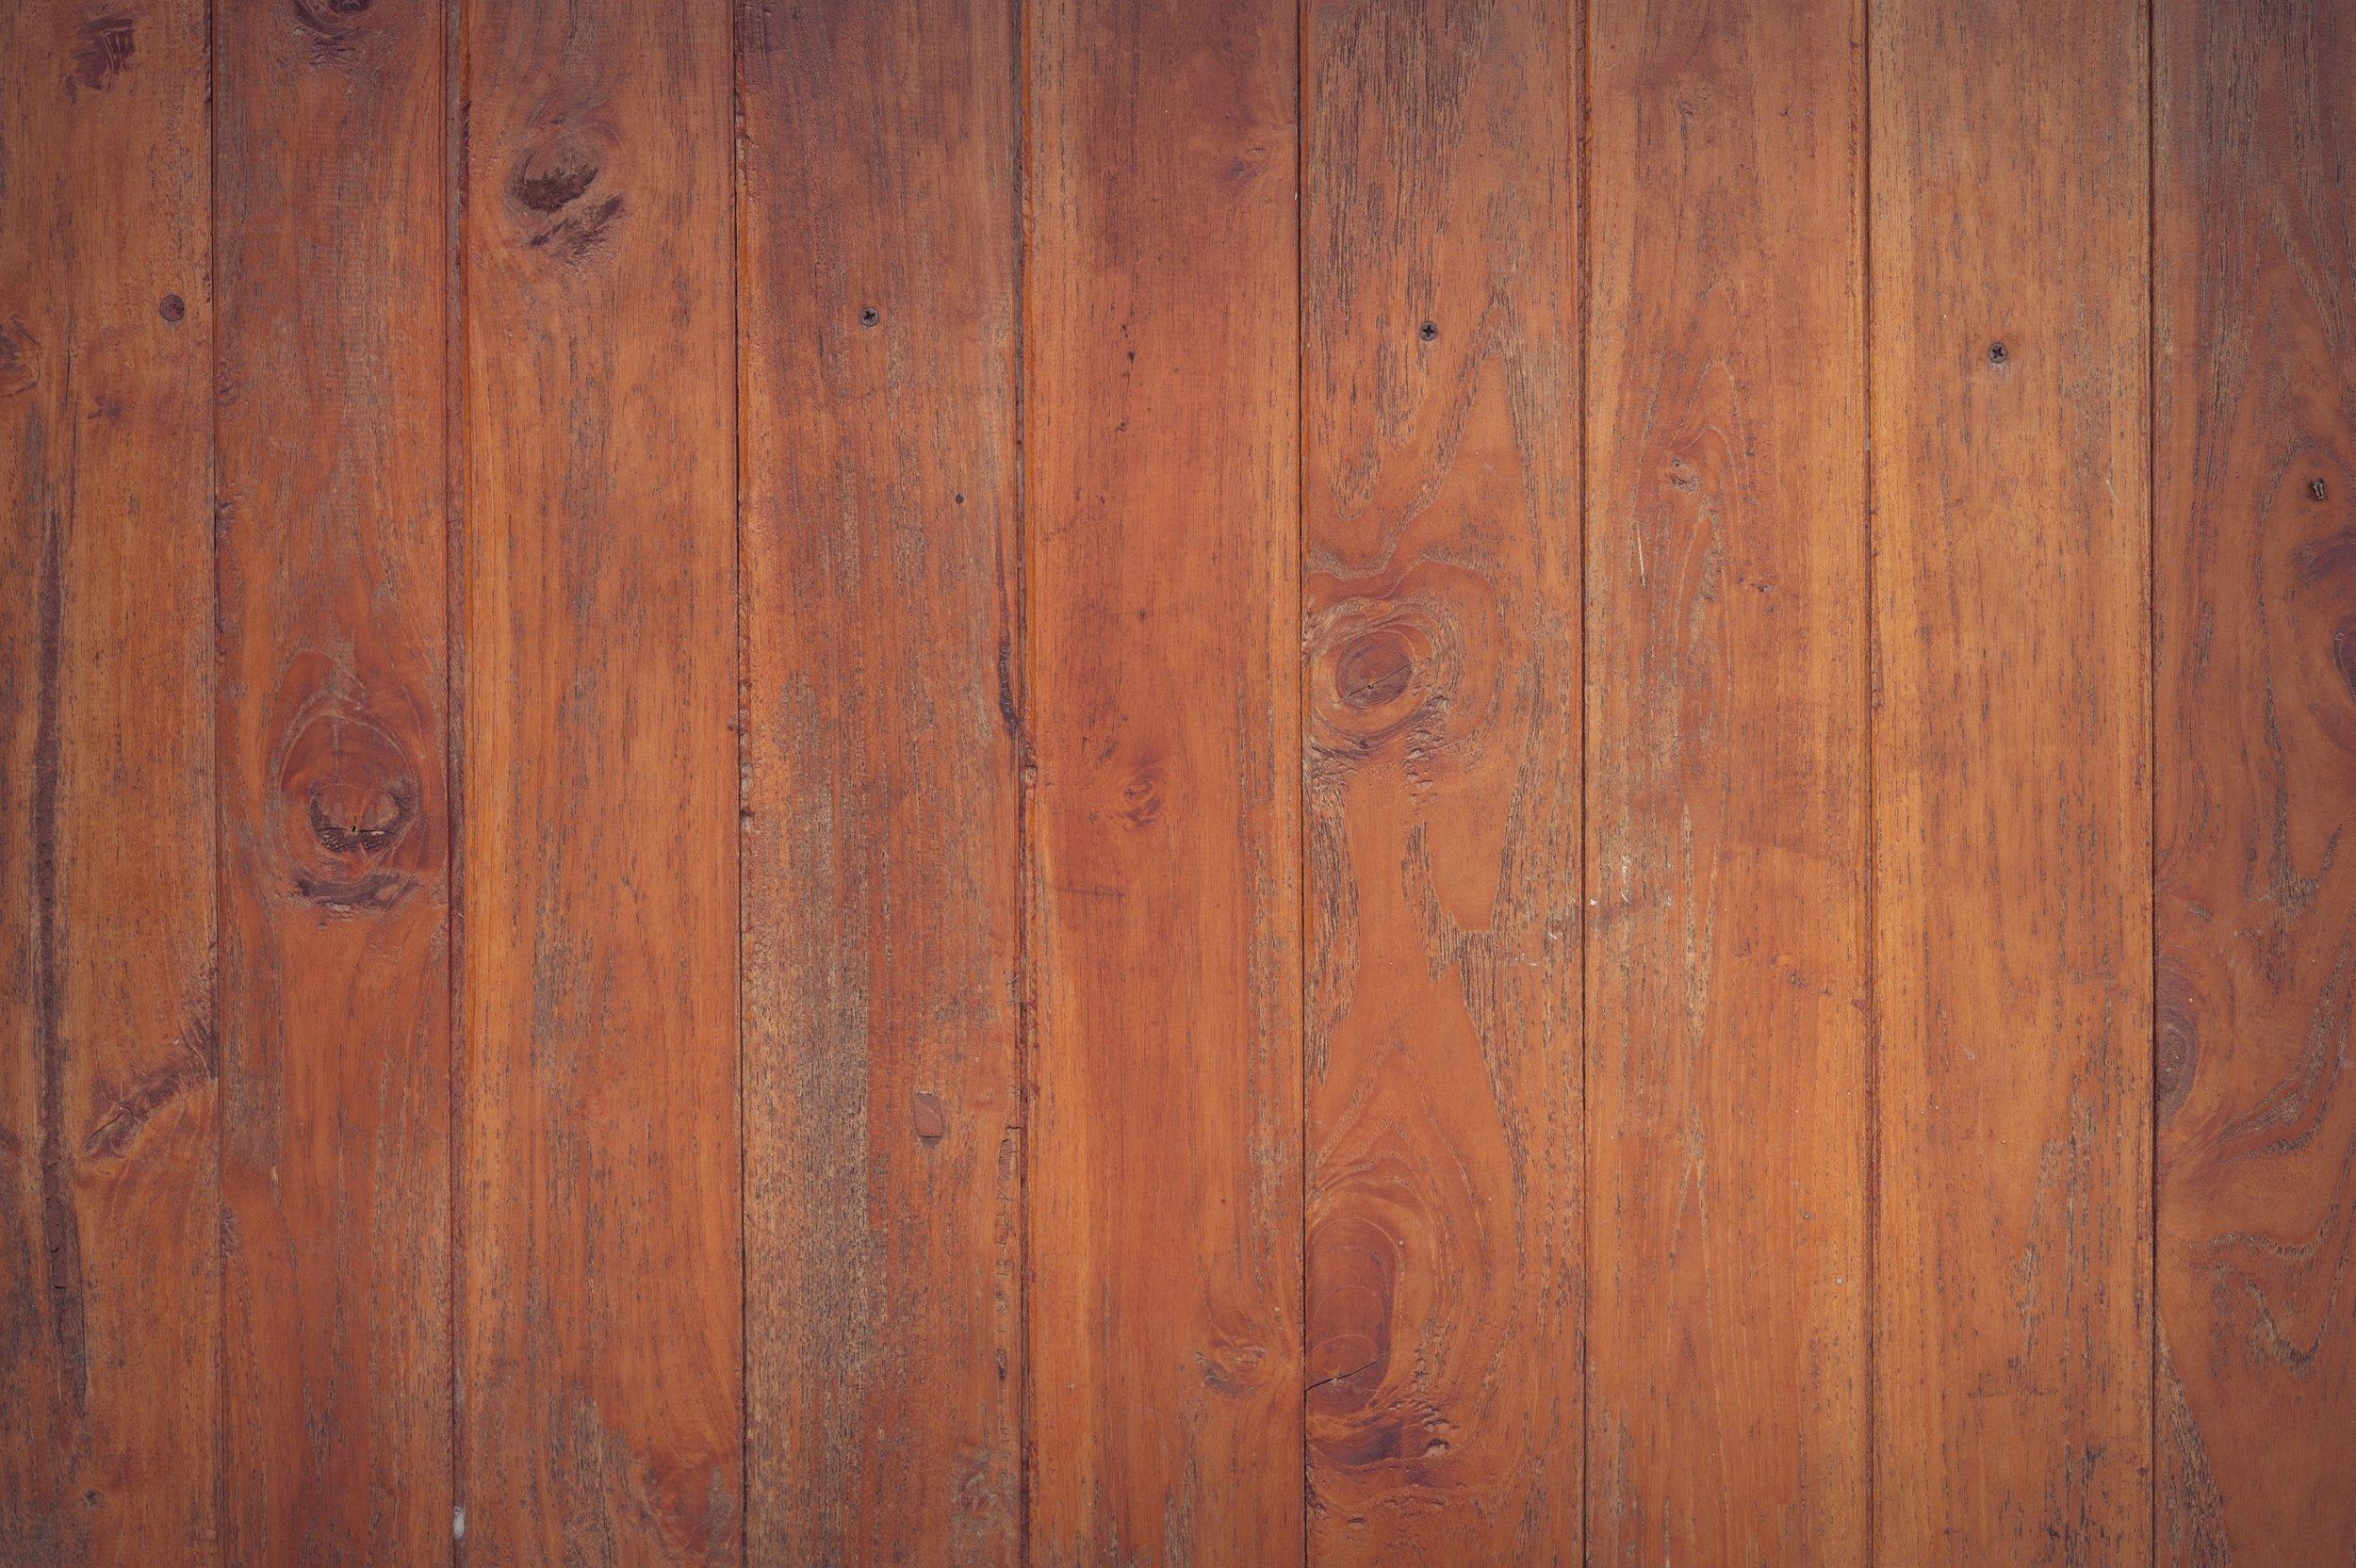 dull-hardwood-floors.jpg